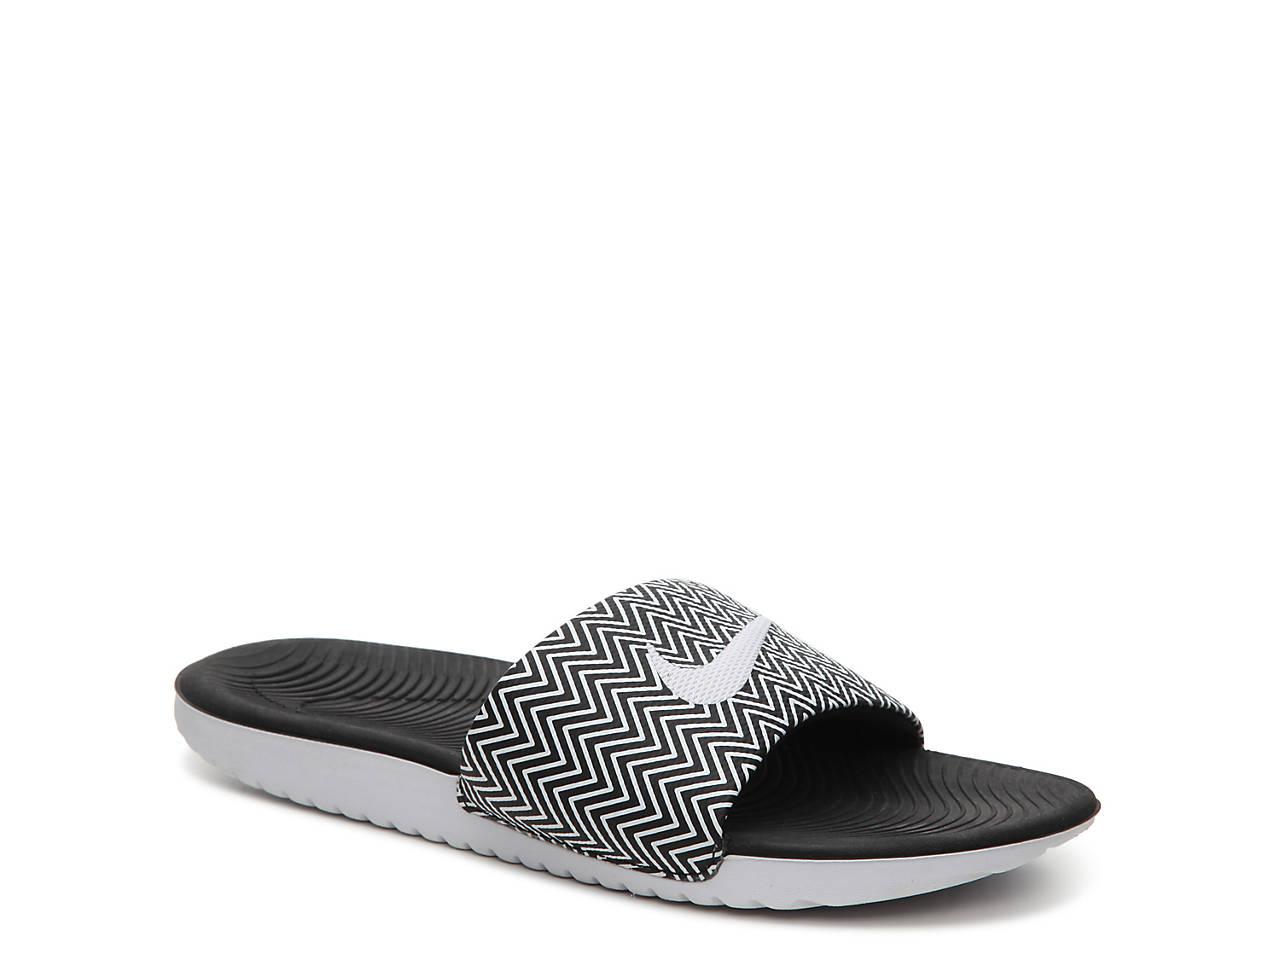 be19b830e Nike Kawa Print Slide Sandal - Women's Women's Shoes | DSW